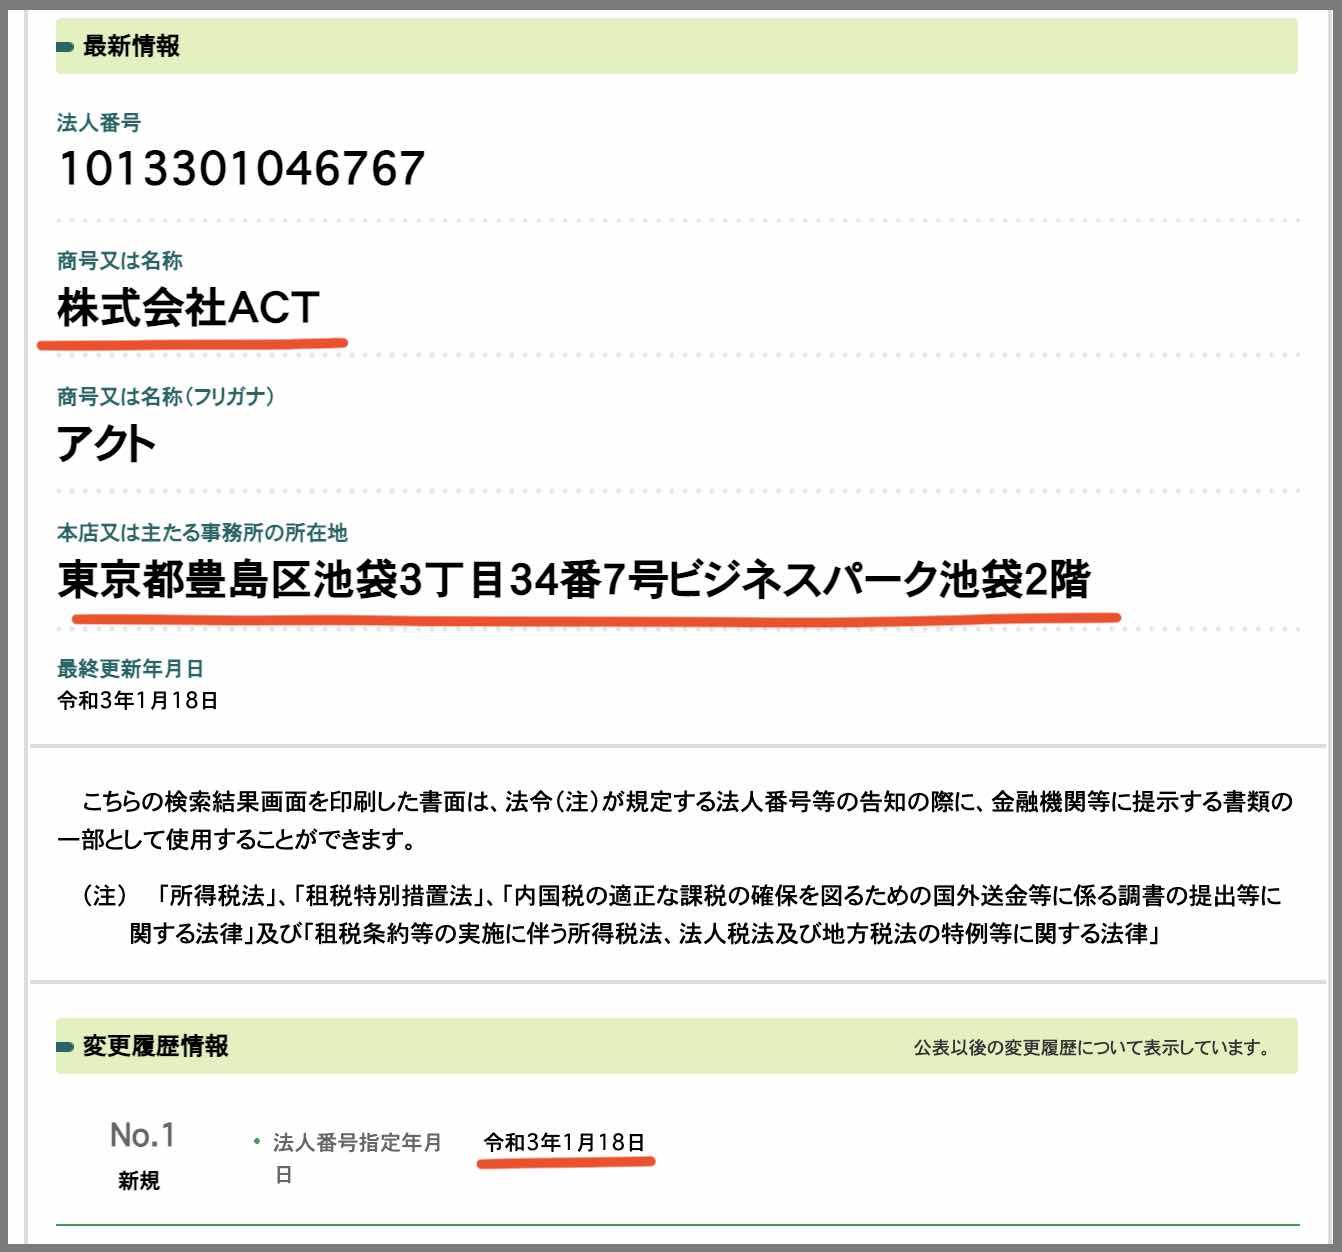 カチウマという競馬予想サイトの運営社情報